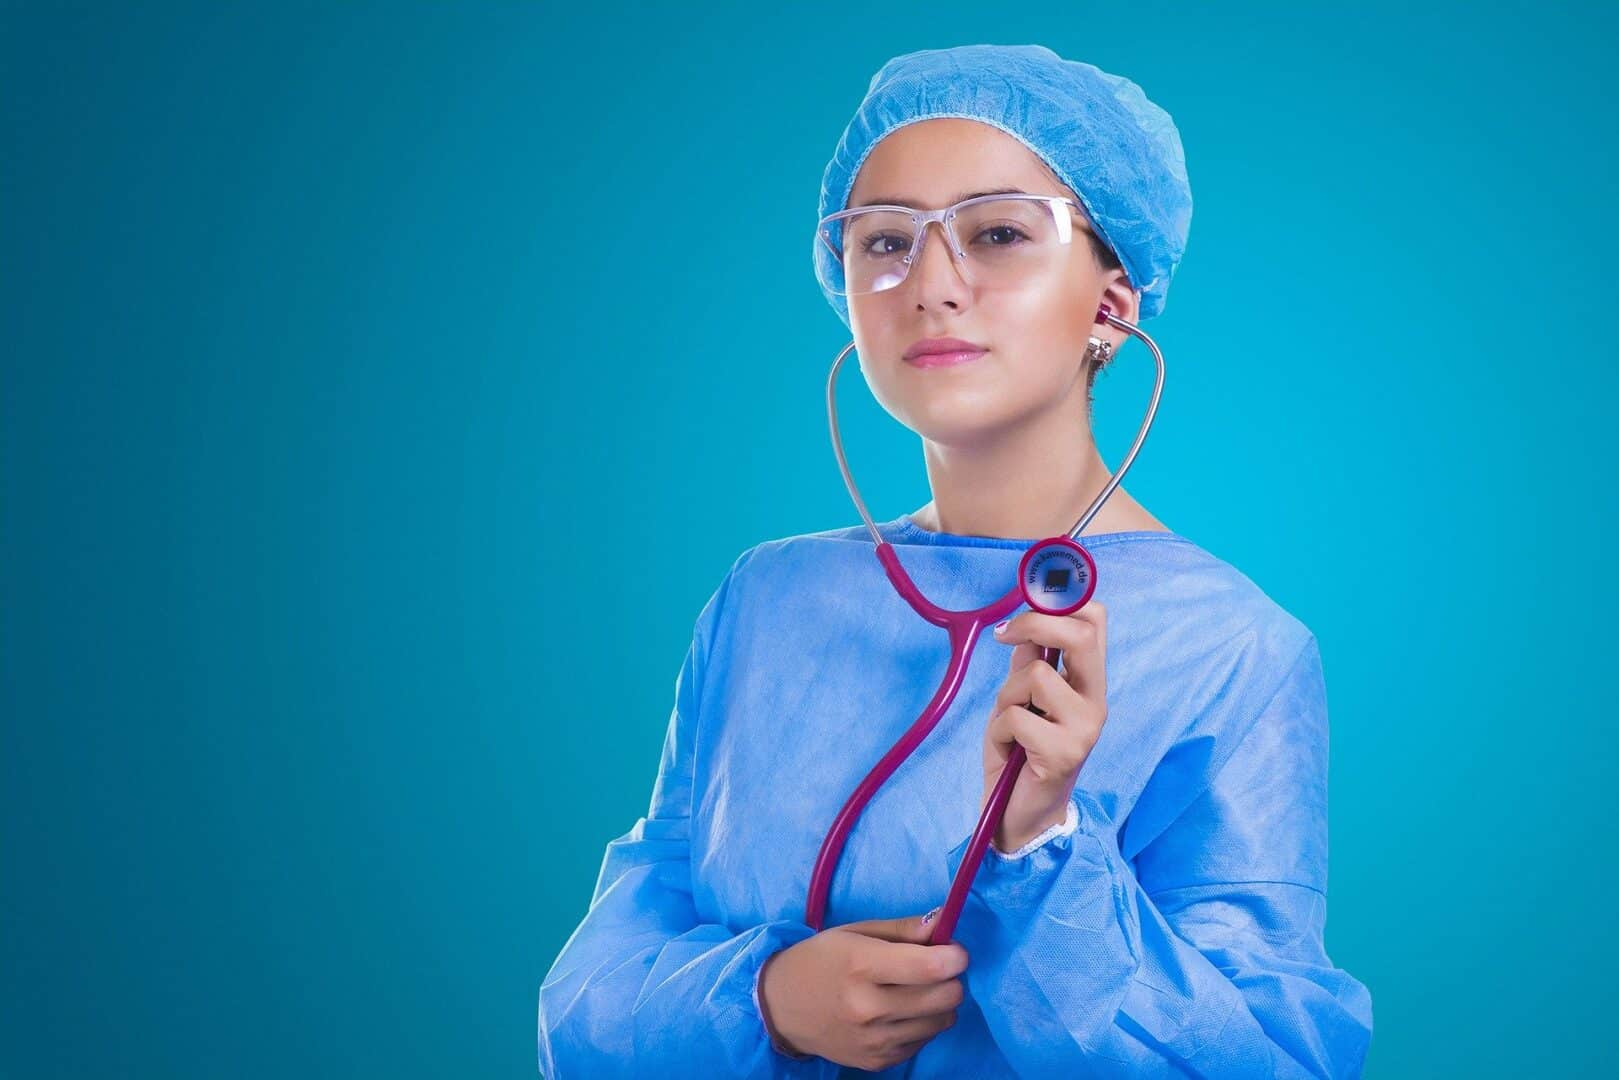 Rückblick auf 40 Jahre Arzt sein